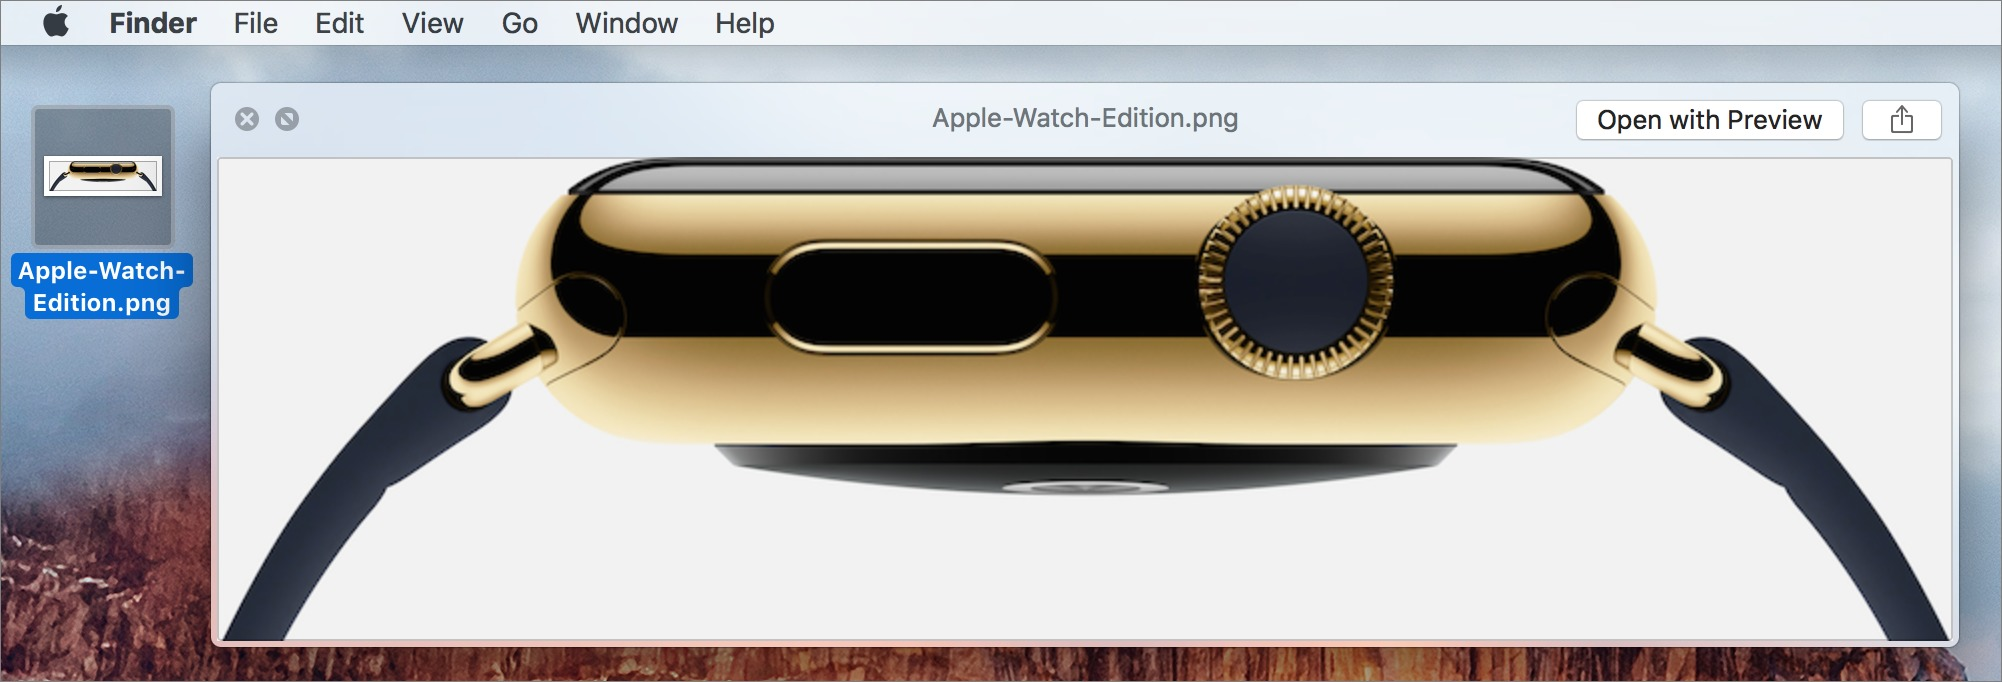 adobe reader apple